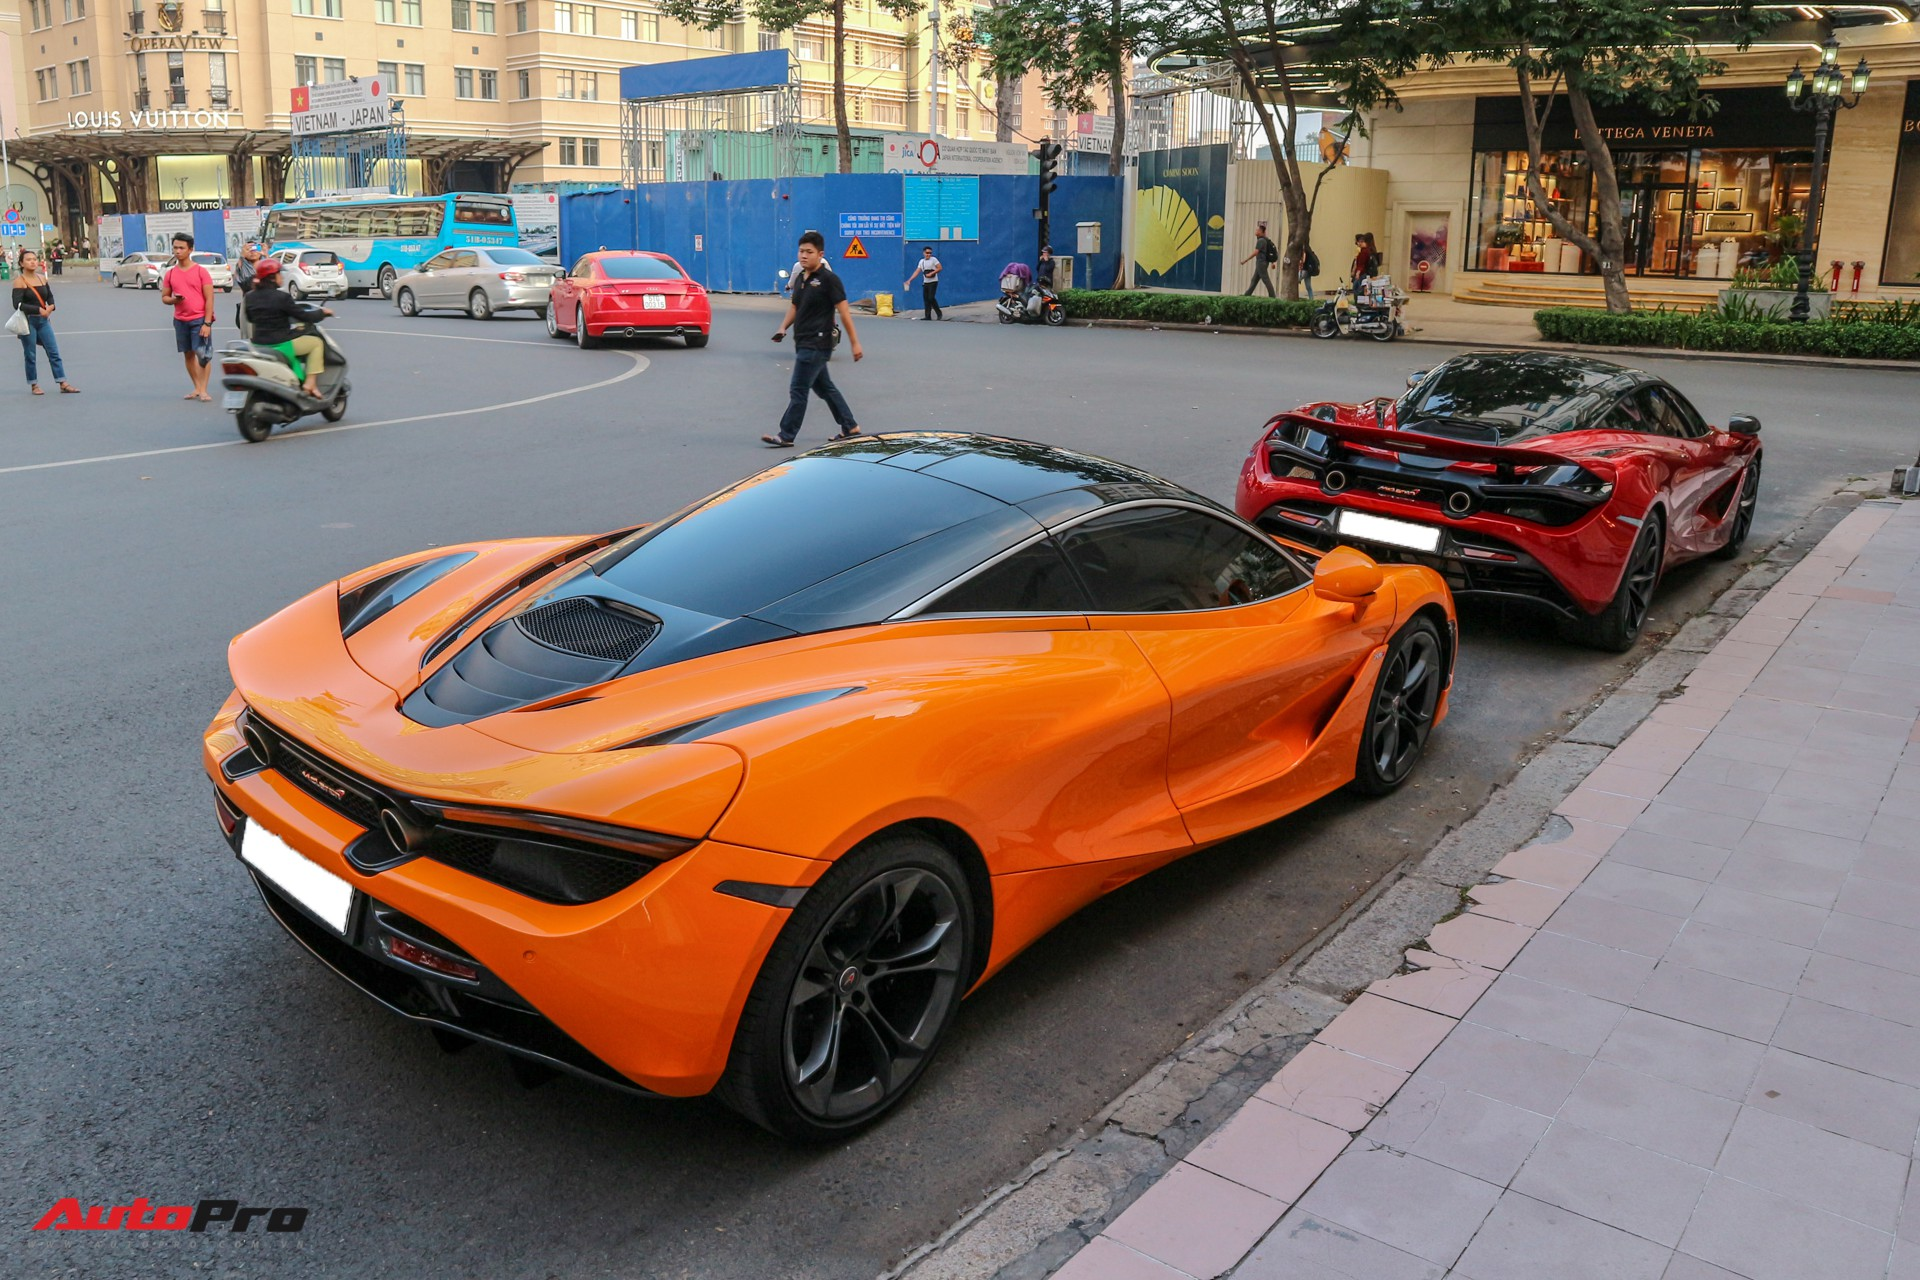 Cường Đô-la lần đầu mang McLaren 720S mới tậu đi họp mặt cùng bạn bè - Ảnh 5.